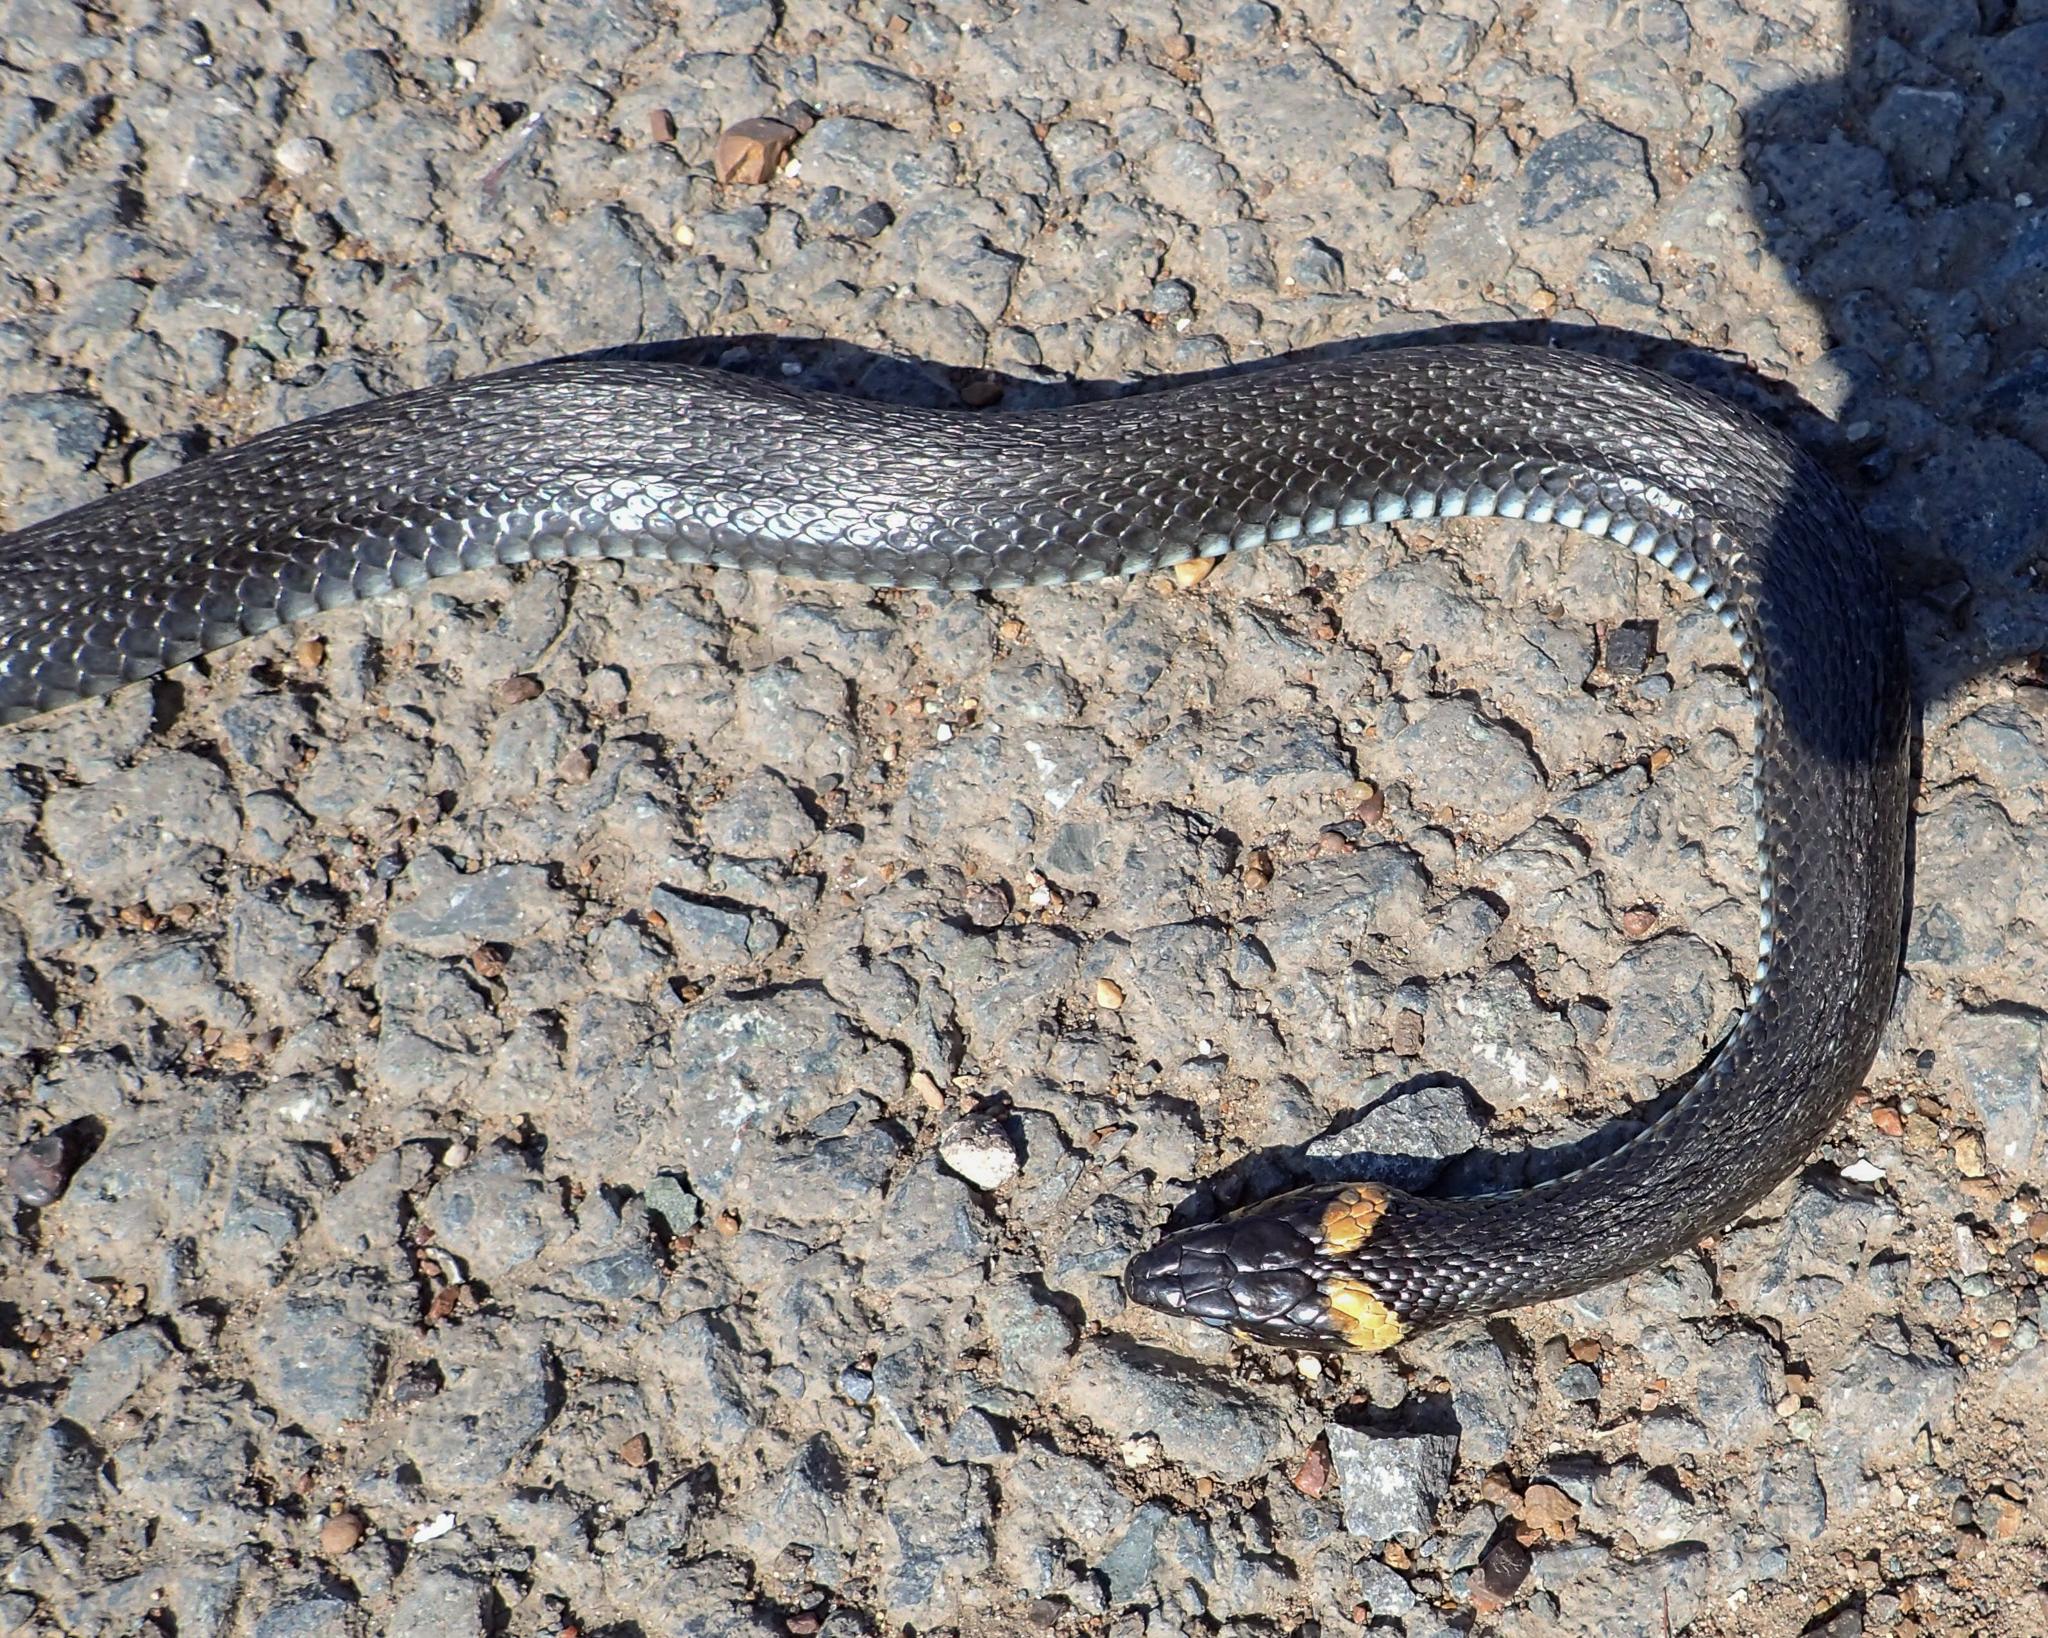 Grass Snake (Natrix natrix) in Kazakhstan